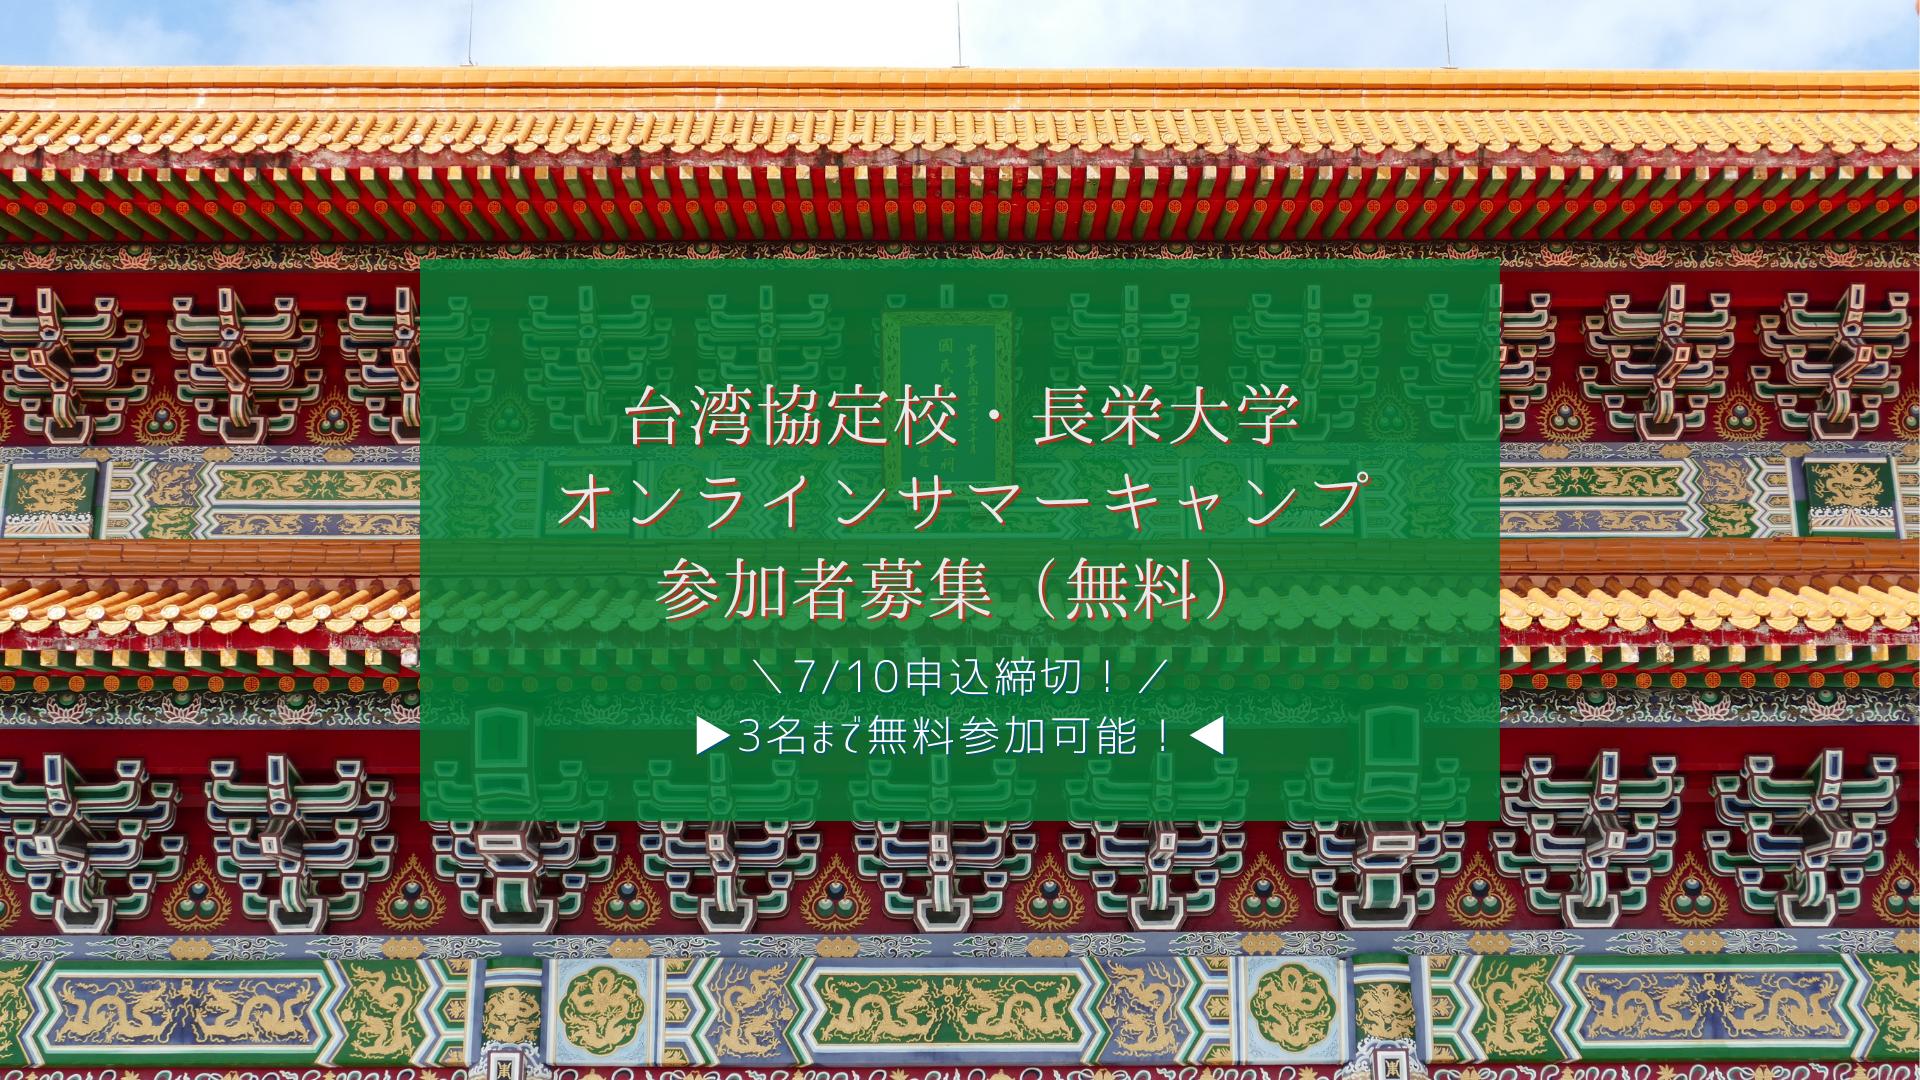 【海外研修】台湾協定校・長栄大学 <無料>オンラインサマーキャンプ参加者募集(申請期間7/10迄)